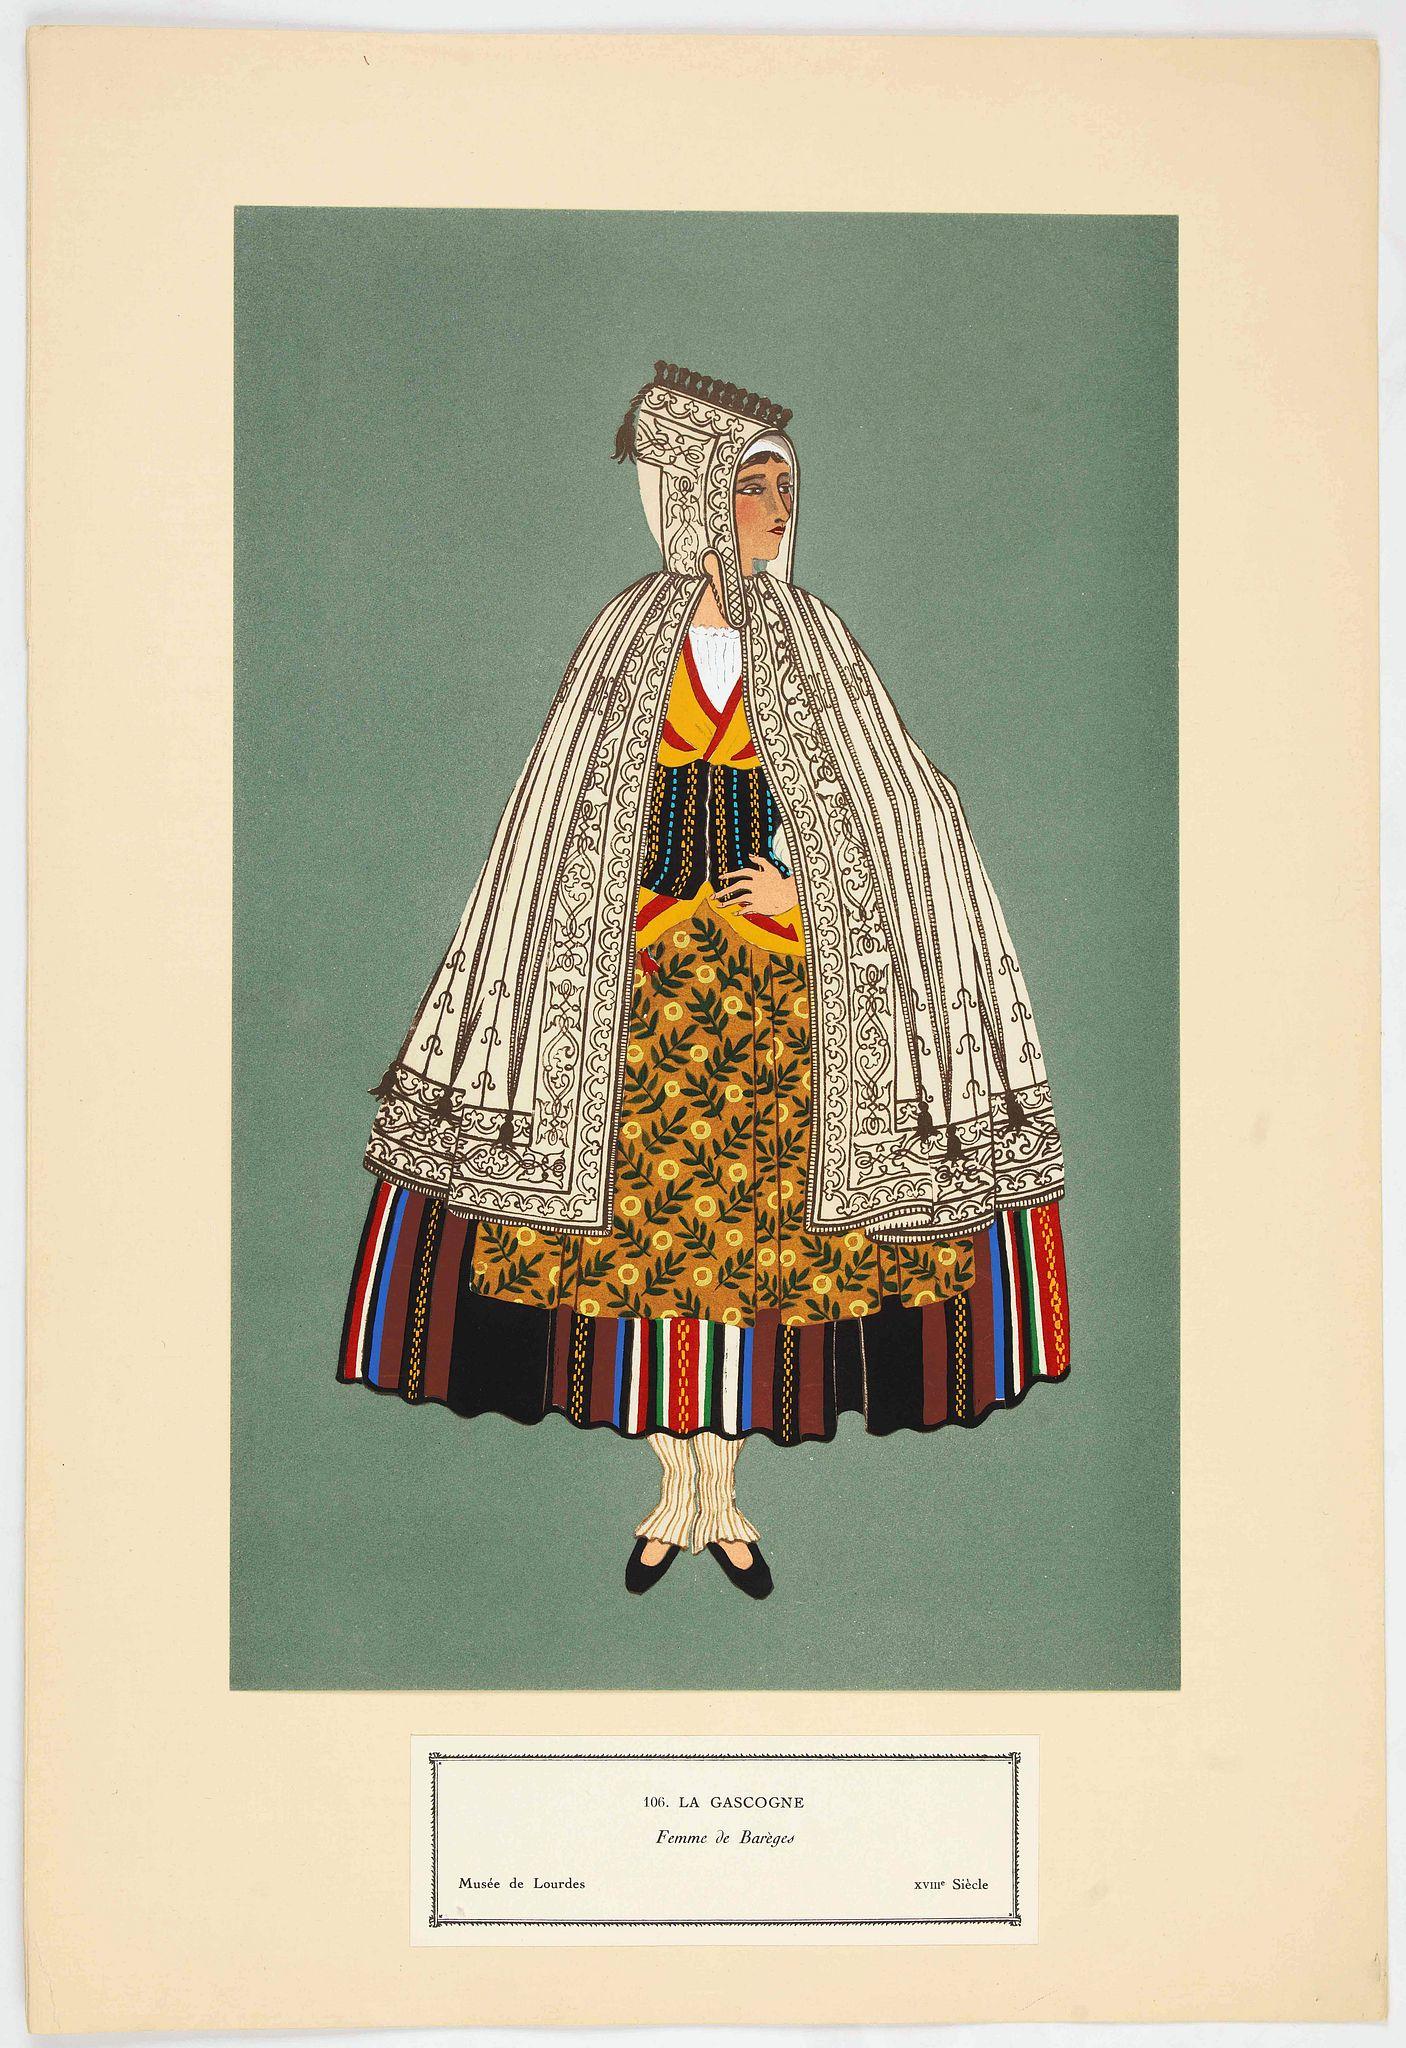 GARDILANNE (G.de) et MOFFAT (E.W.) -  Femme de Barèges (106, La Gascogne).